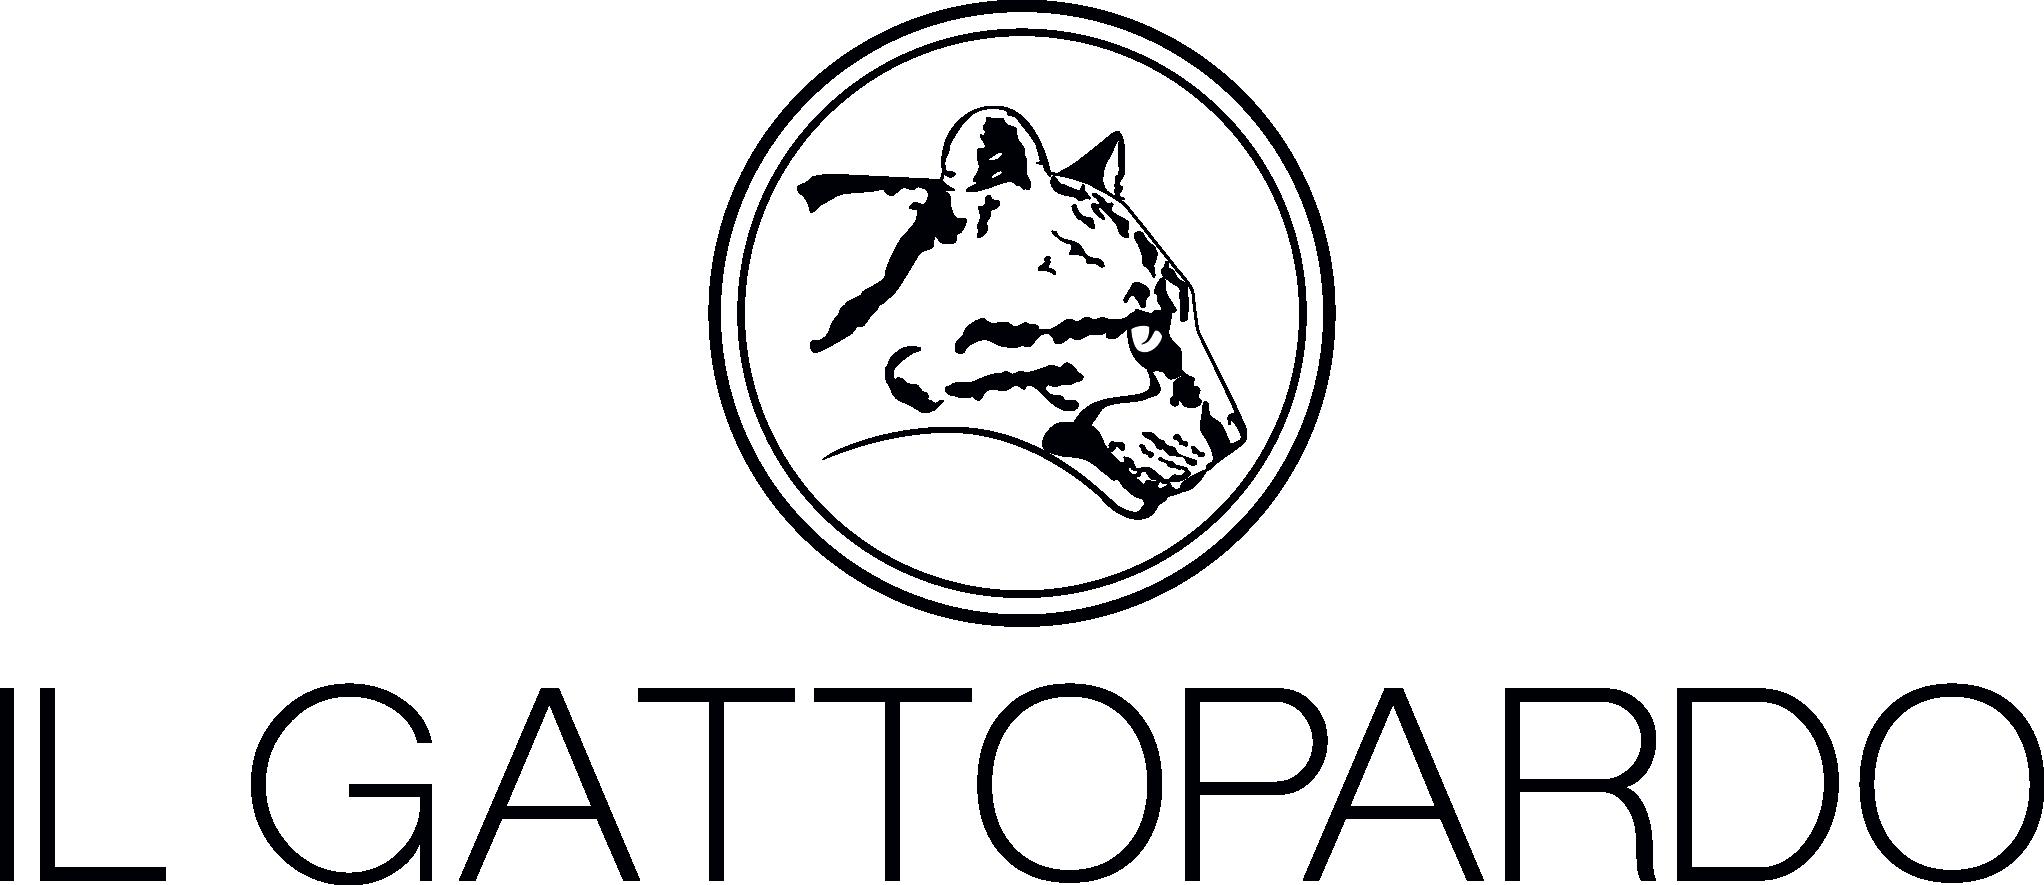 logo-ilgattopardov2